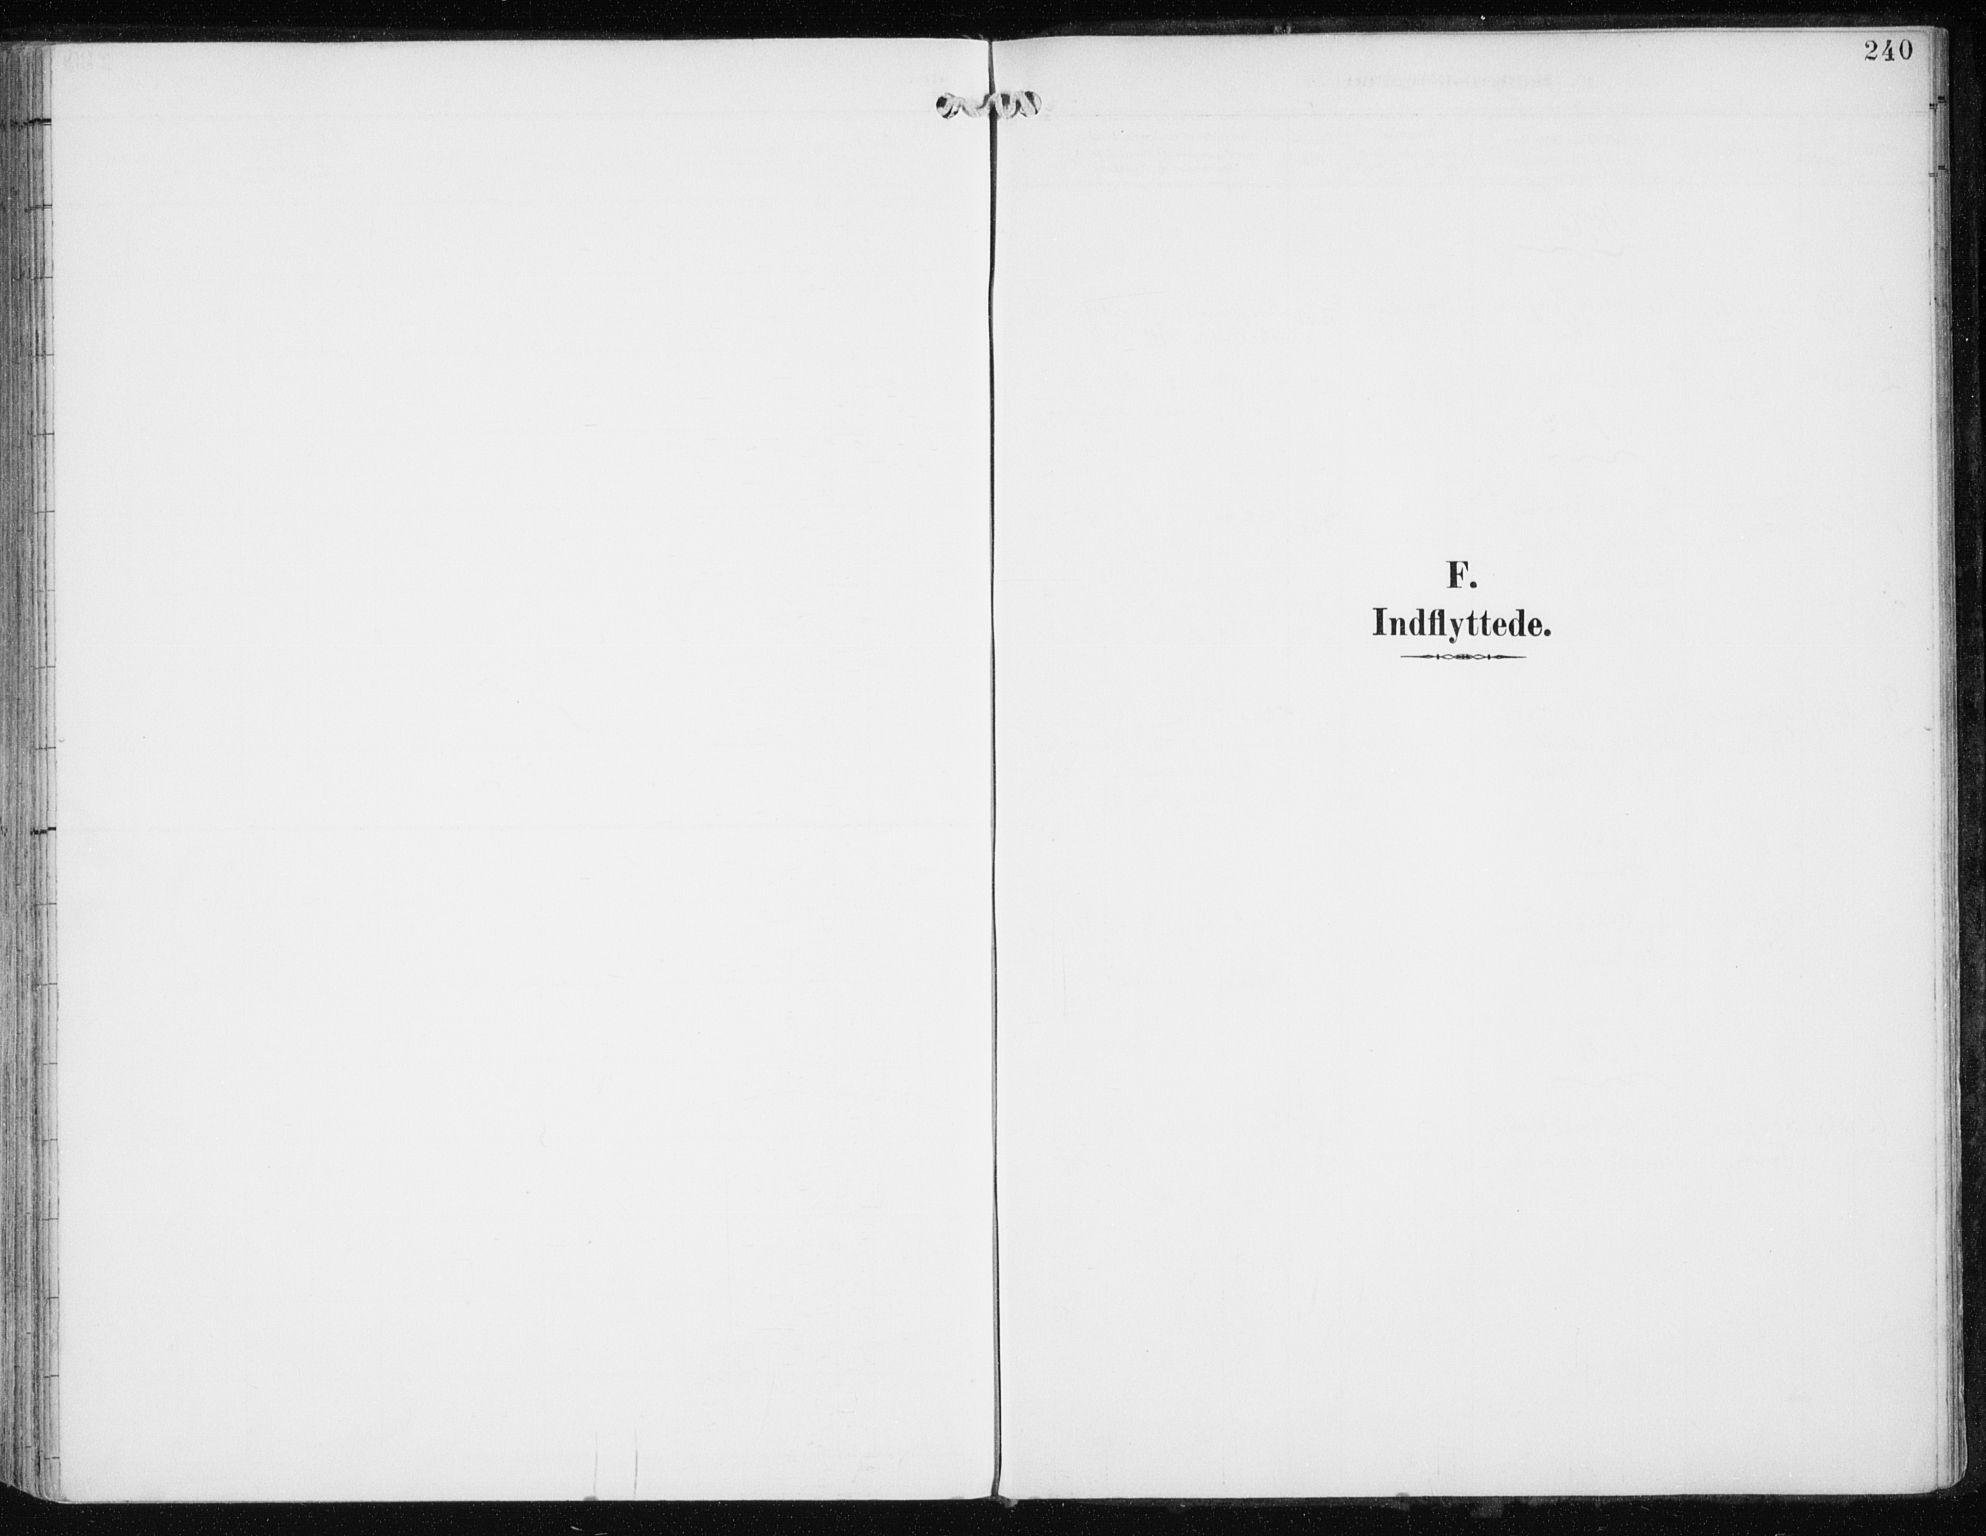 SATØ, Skjervøy sokneprestkontor, H/Ha/Haa/L0017kirke: Parish register (official) no. 17, 1895-1911, p. 240